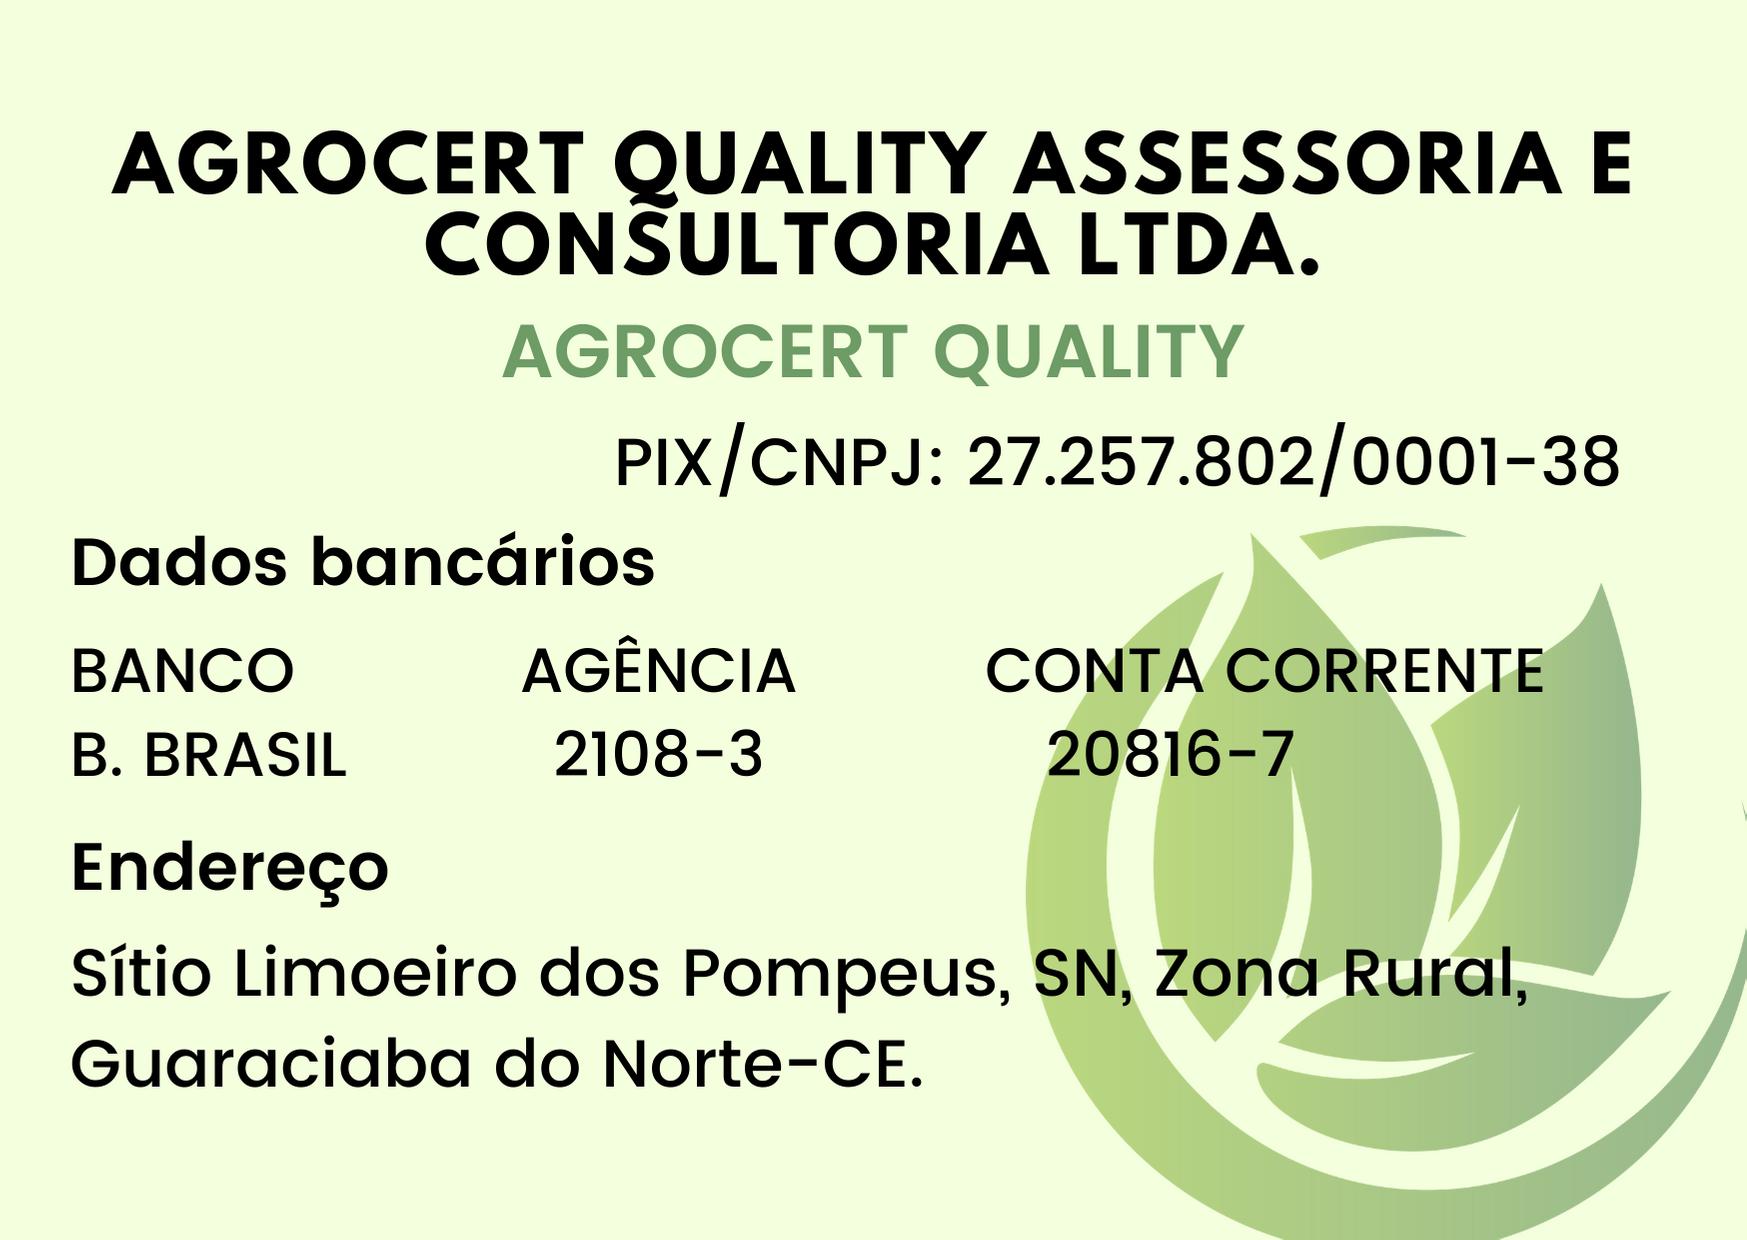 Dados bancários Agrocert Quality